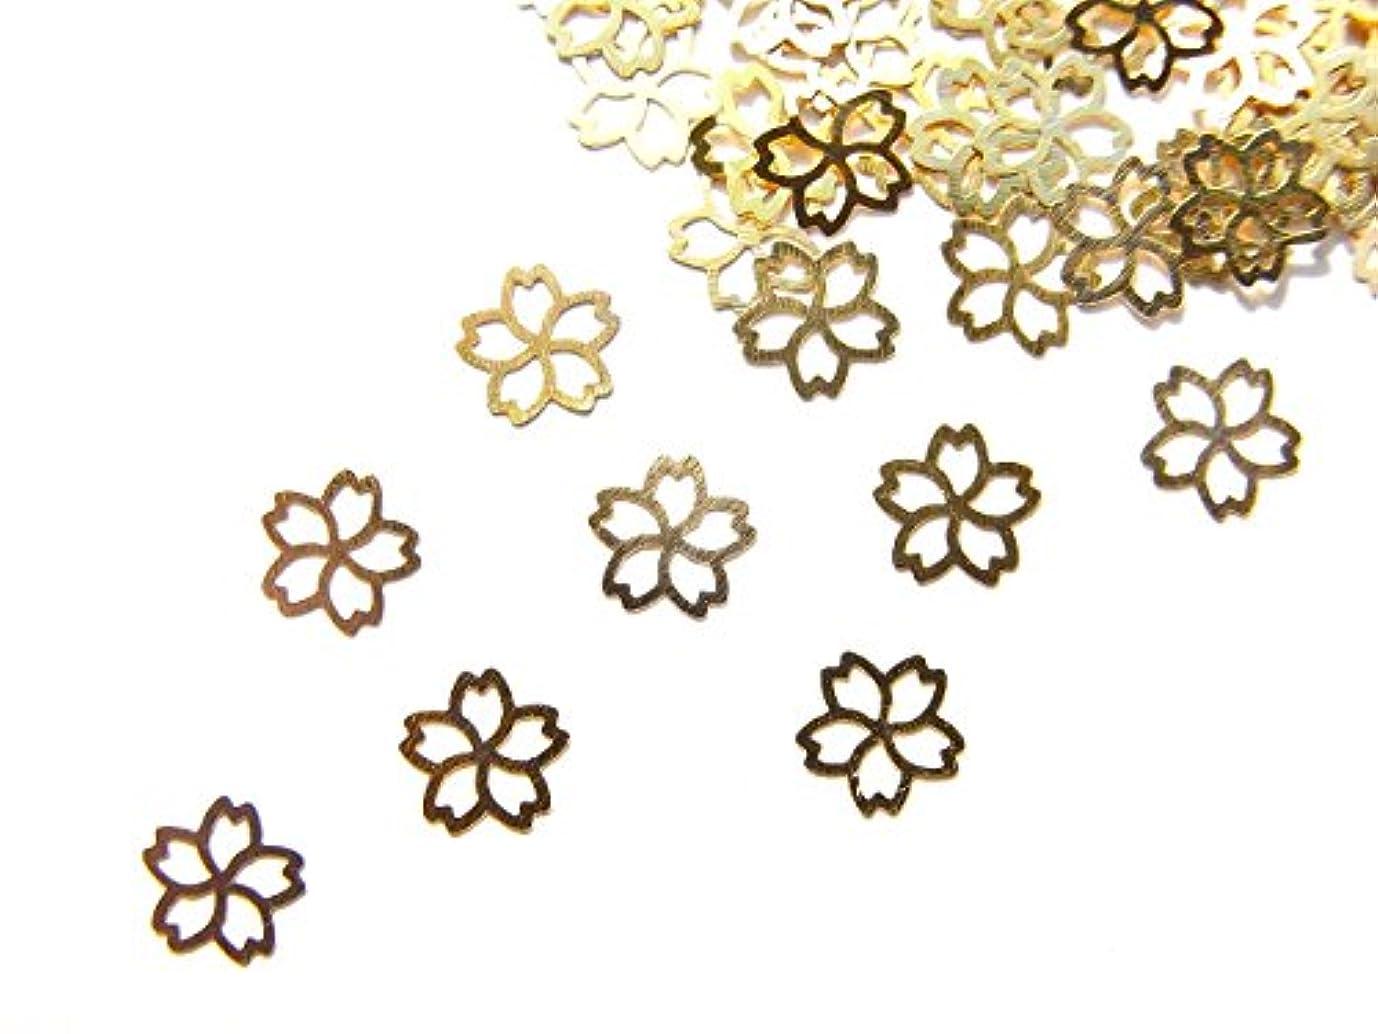 闘争アデレード印をつける【jewel】ug26 春ネイル 薄型ゴールド メタルパーツ 桜 サクラ Lサイズ 10個入り ネイルアートパーツ レジンパーツ